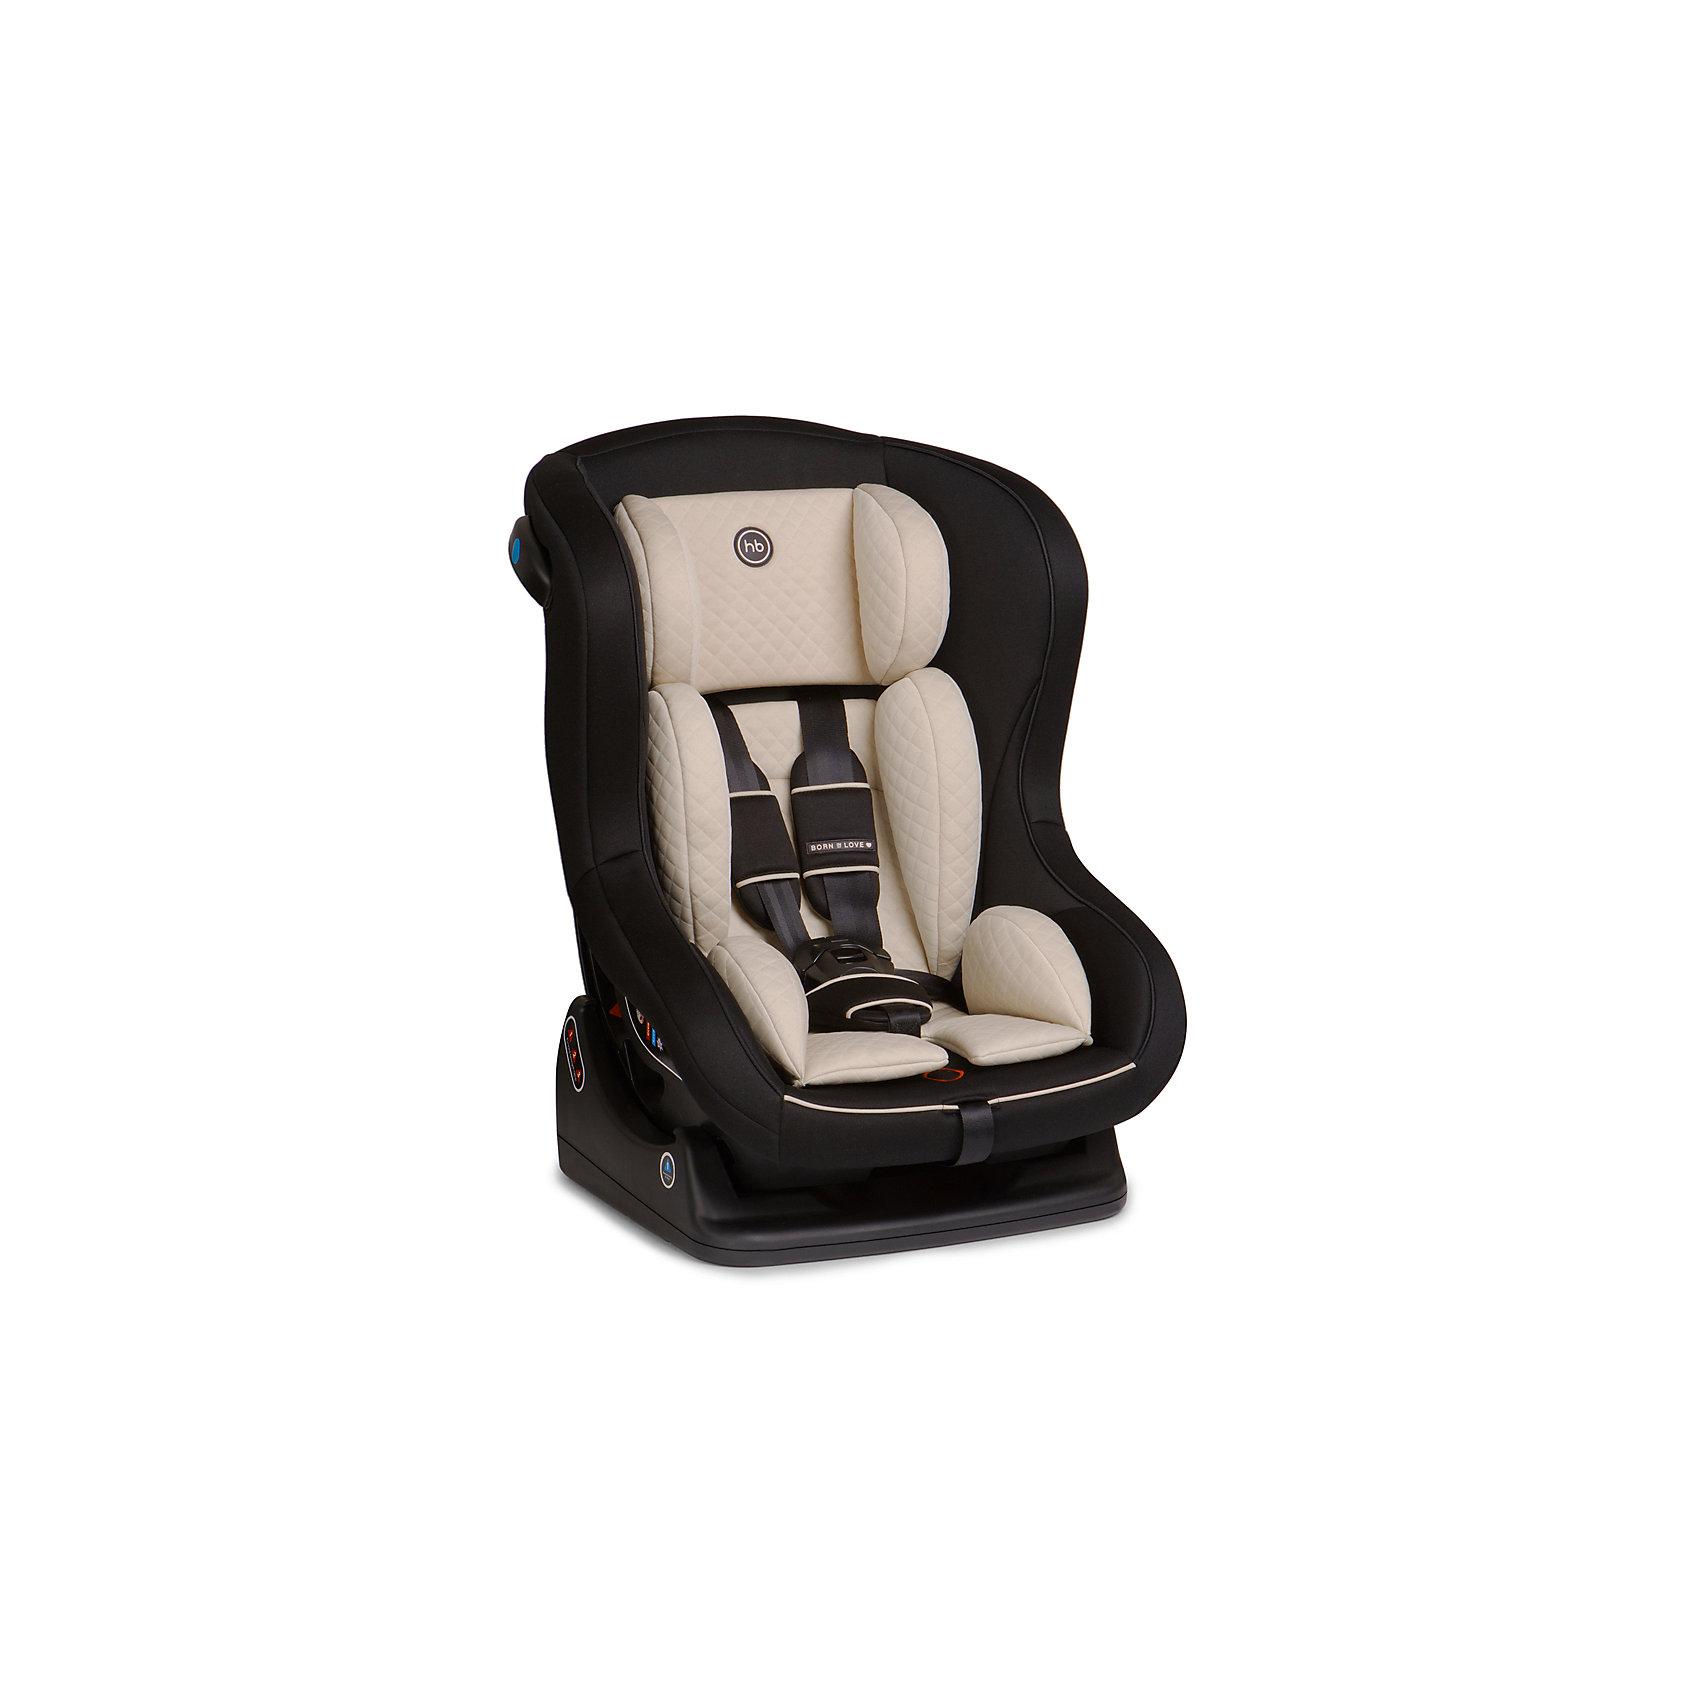 Автокресло Happy Baby PASSENGER, 0-18 кг, чёрныйГруппа 0+, 1 (До 18 кг)<br>Автокресло PASSENGER – это удобное, элегантное кресло для детей до 18 кг (группа 0+/1), предназначенное для комфортных поездок в автомобиле. Безопасность в машине обеспечивают пятиточечные ремни безопасности, а 4 положения наклона спинки позволят малышу безмятежно уснуть в пути. Модель PASSENGER отлично впишется в интерьер салона вашего автомобиля, имеет мягкий вкладыш для самых маленьких путешественников, фиксатор натяжения ремня и съемный чехол для удаления загрязнений. Плавные, изящные линии автокресла PASSENGER мягко обволокут малыша, а вместительное сиденье подарит ему необыкновенный комфорт. Устанавливается лицом по ходу или против движения автомобиля, в зависимости от возраста и веса ребенка.<br><br>Дополнительная информация:<br><br>Регулируемая высота плечевых ремней и подголовника, 3 положения<br>Четыре положения наклона спинки<br>Пятиточечные ремни безопасности<br>Защита от боковых ударов<br>Фиксатор натяжения ремня<br>Съемный чехол<br>Мягкая фактурная вкладка<br>СОСТАВ<br>Каркас: пластик, металл<br>Тканые материалы: 100 % полиэстер<br>Вес ребенка: до 18 кг<br>Габариты автокресла (ВхШхГ): 34 х37 х 61 см<br>Ширина посадочного места с вкладкой/без вкладки: 26/30 см<br>Глубина посадочного места с вкладкой/без вкладки: 27/33 см<br>Длинна спального места с вкладкой/без вкладки: 76/80 см<br>Вес автокресла: 4,8 кг<br>Крепится штатным ремнем безопасности: да<br>Ремни безопасности: 5-точечные<br>Трансформируется в бустер: нет<br>Регулируемый наклон спинки: 4 положения<br><br><br>Автокресло PASSENGER, 0-18 кг., Happy Baby, чёрный можно купить в нашем магазине.<br><br>Ширина мм: 490<br>Глубина мм: 550<br>Высота мм: 800<br>Вес г: 5950<br>Цвет: черный<br>Возраст от месяцев: 0<br>Возраст до месяцев: 48<br>Пол: Унисекс<br>Возраст: Детский<br>SKU: 4580574